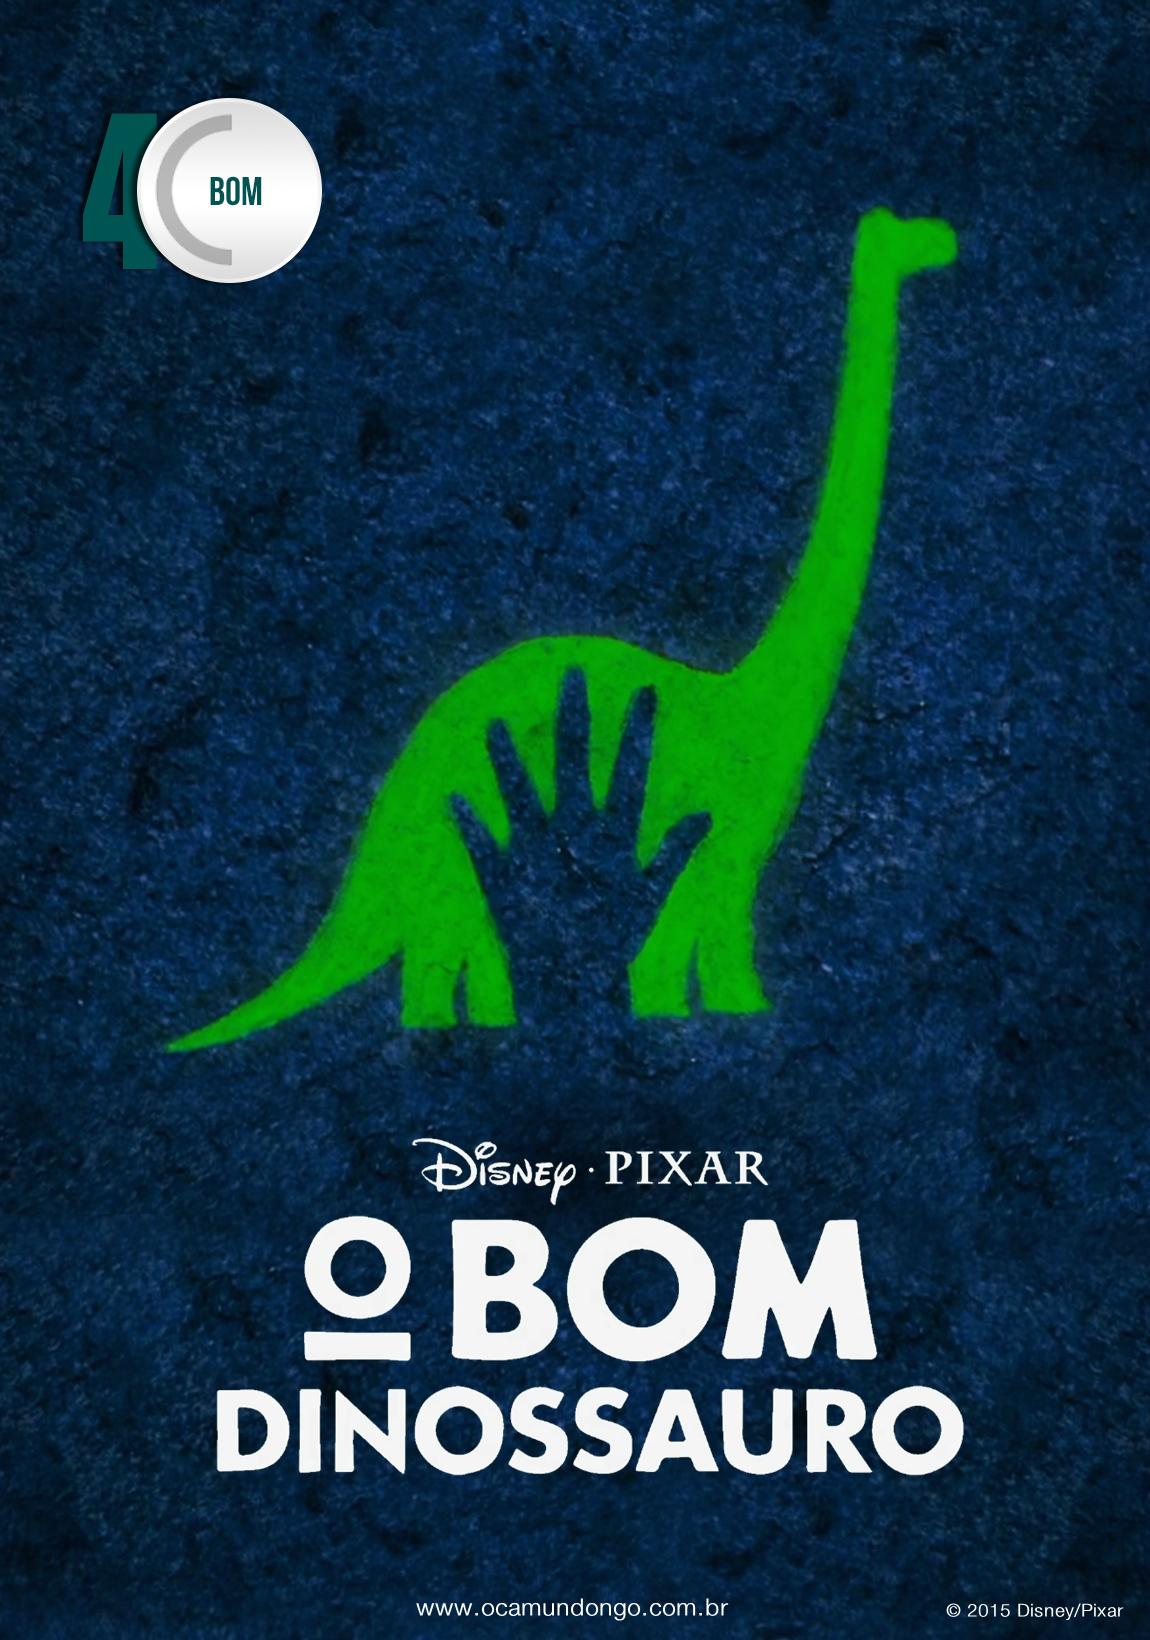 bom-dinossauro-poster-camundongo